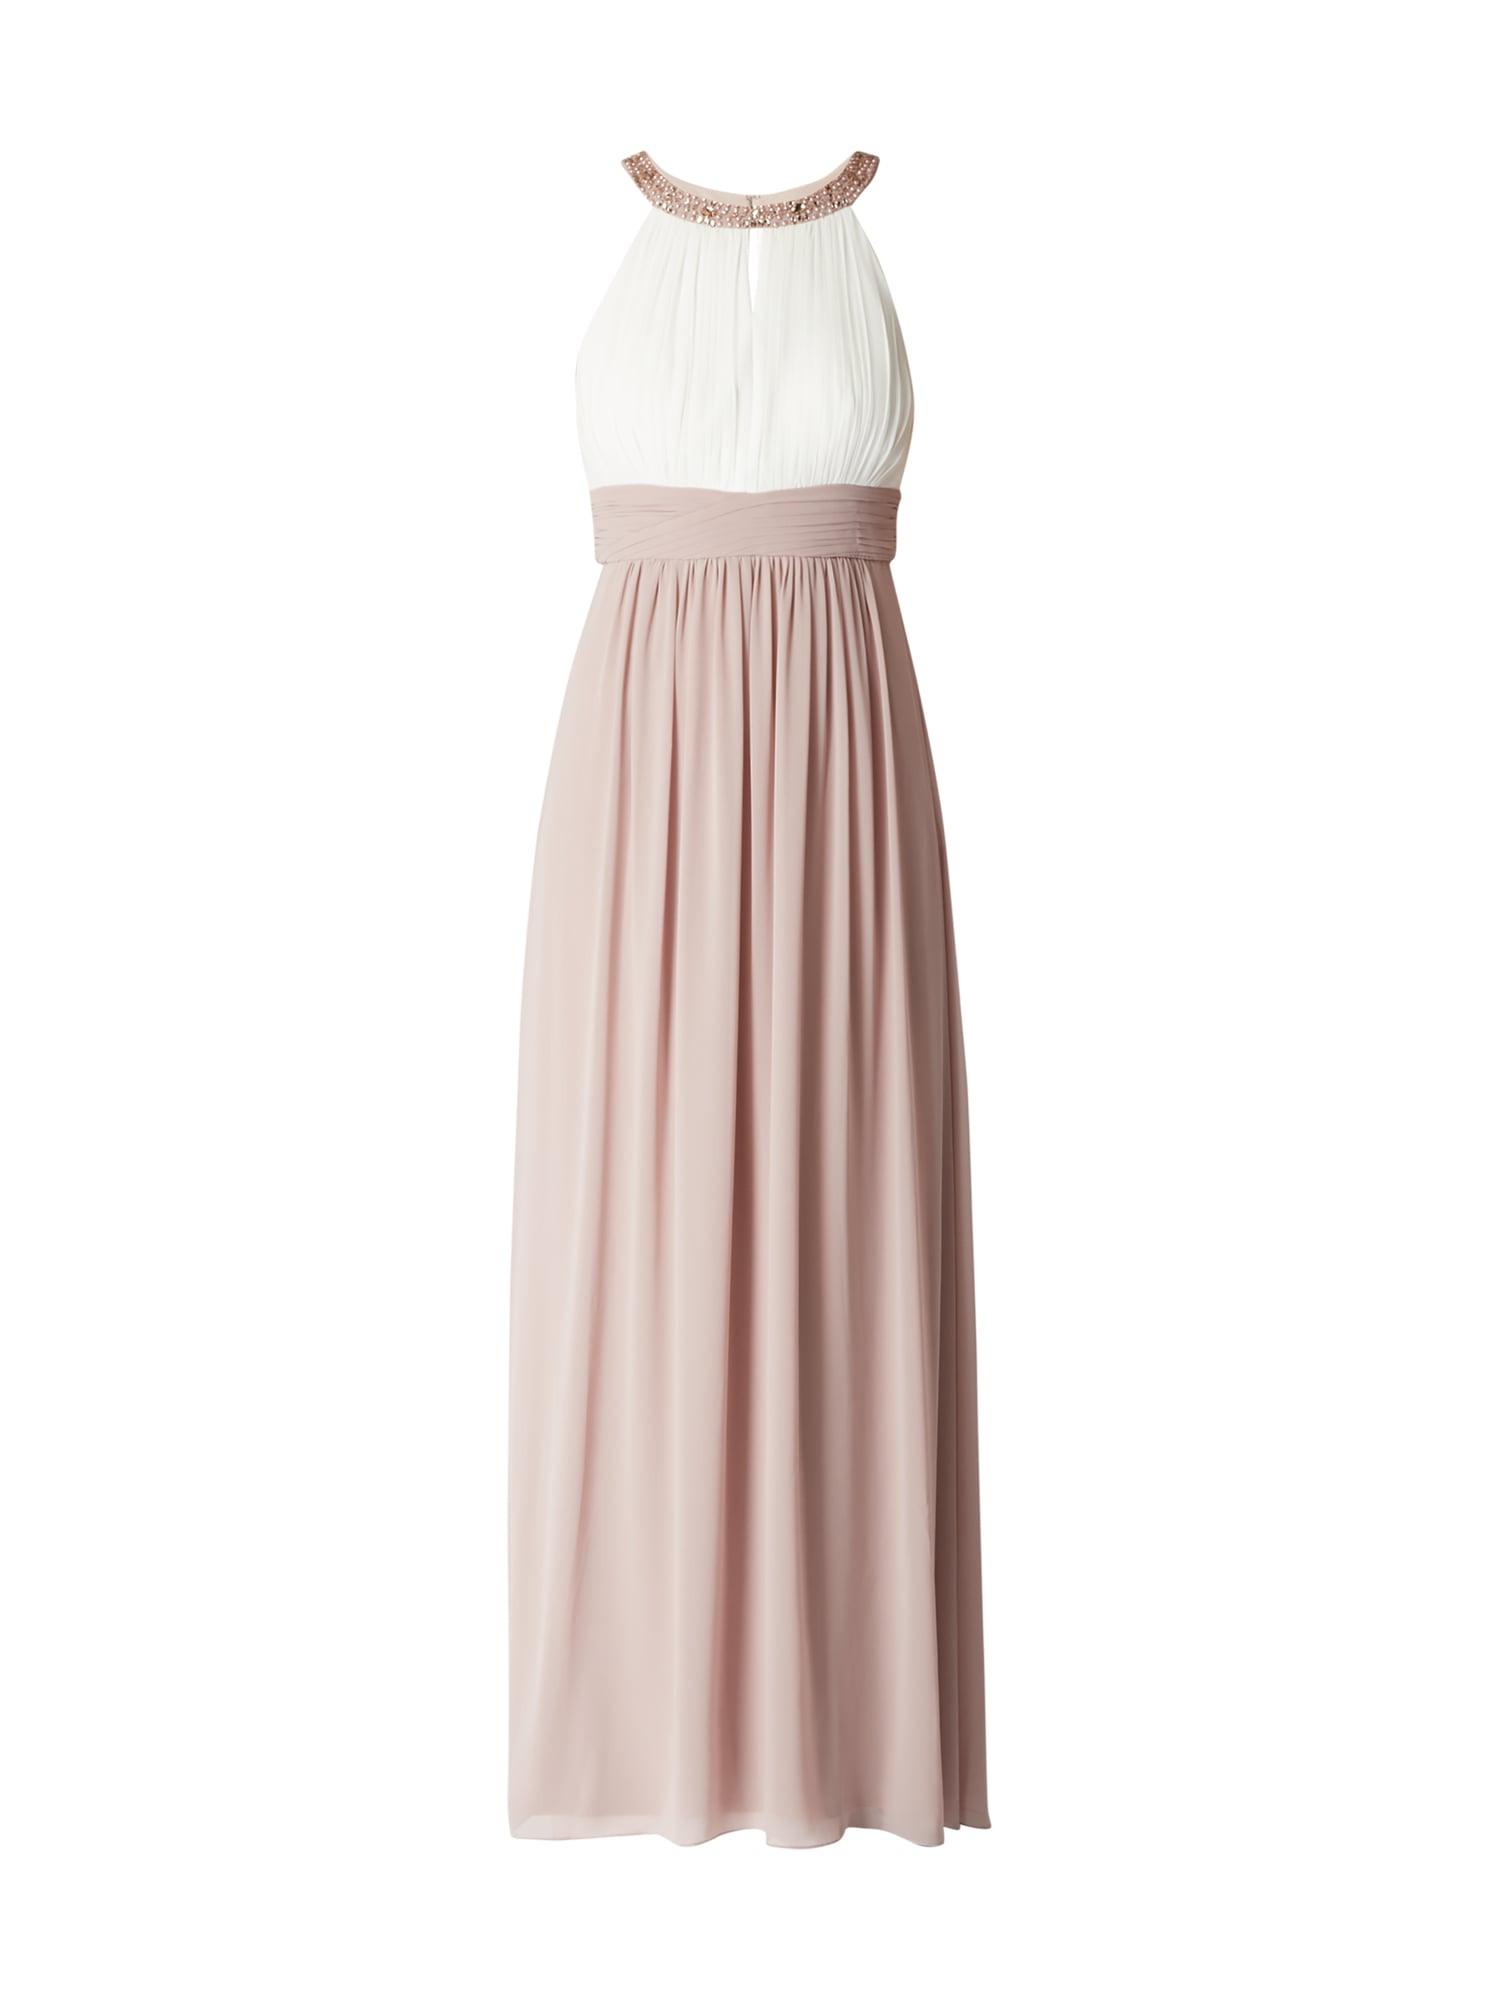 20 Schön Jakes Abendkleid Stylish10 Wunderbar Jakes Abendkleid für 2019